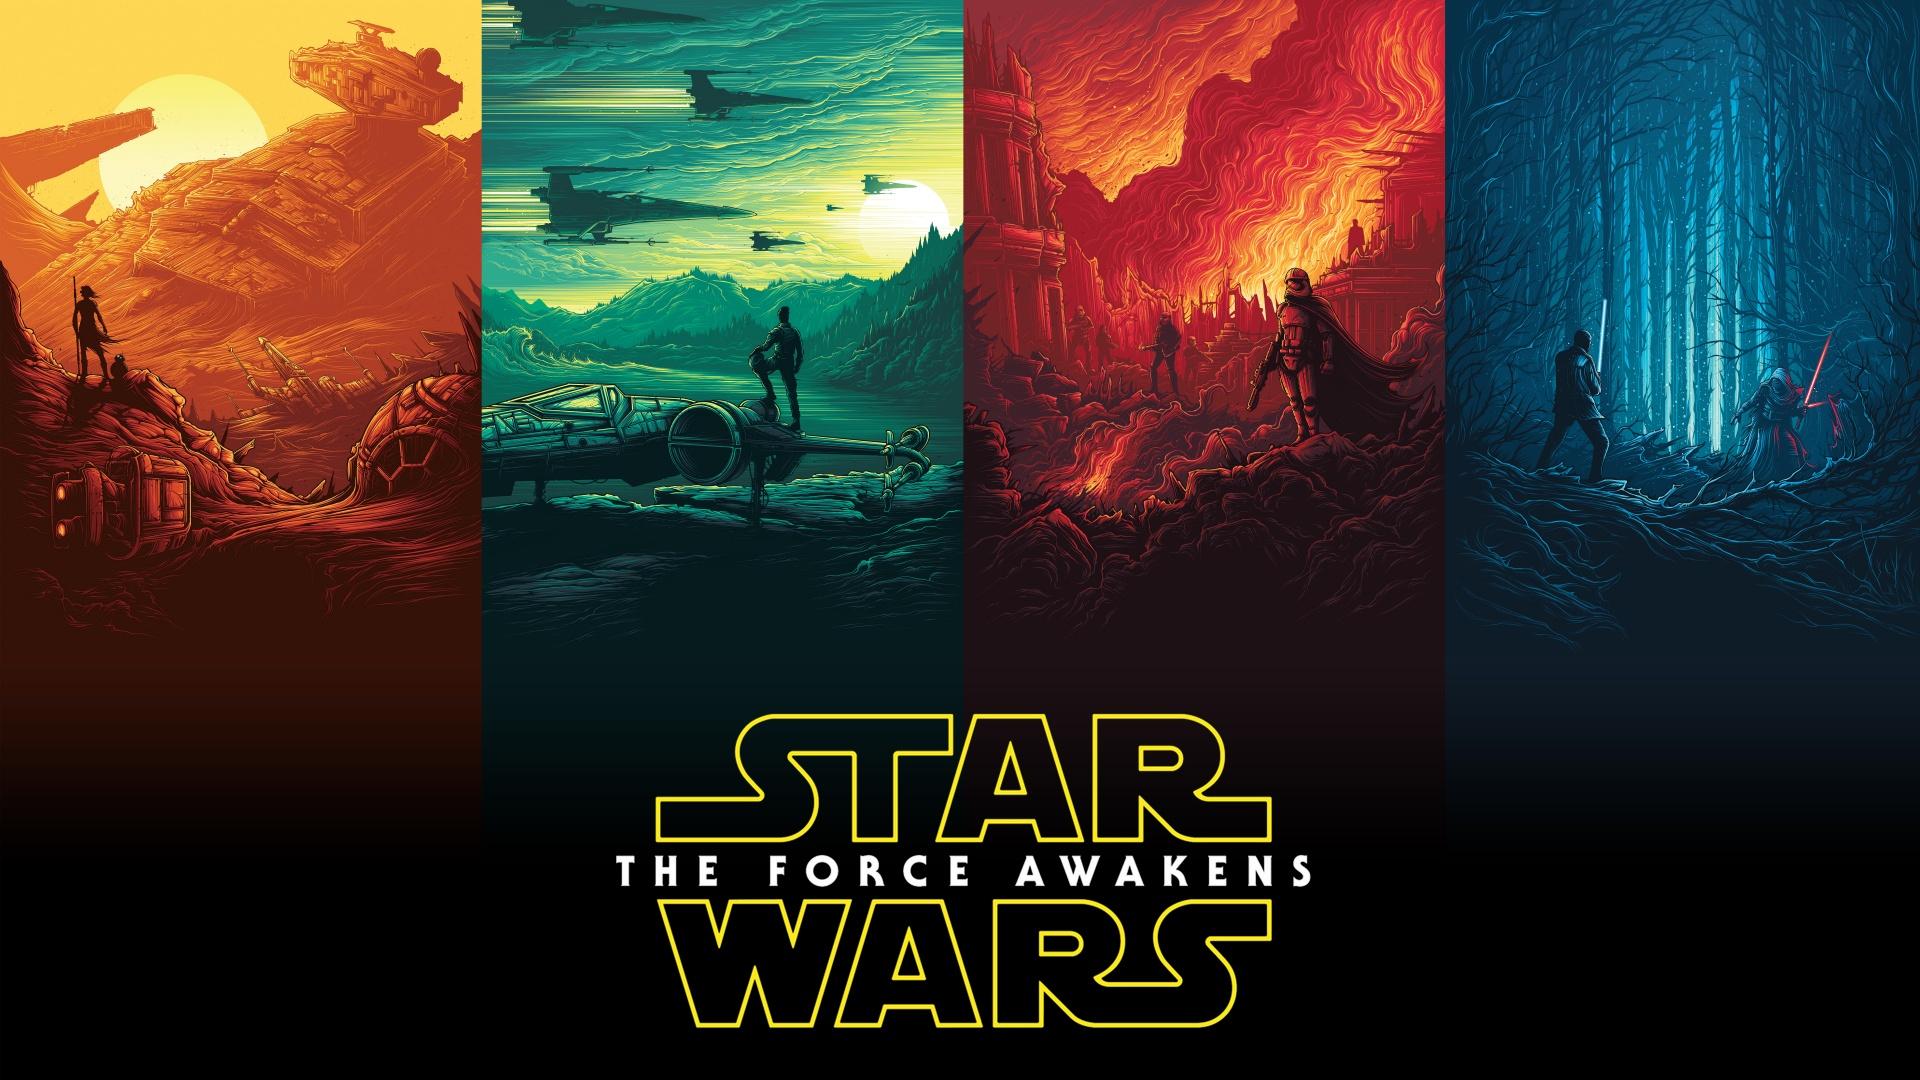 Kylo Ren Han Solo Luke Skywalker Star Wars Wallpapers HD Wallpapers 1920x1080